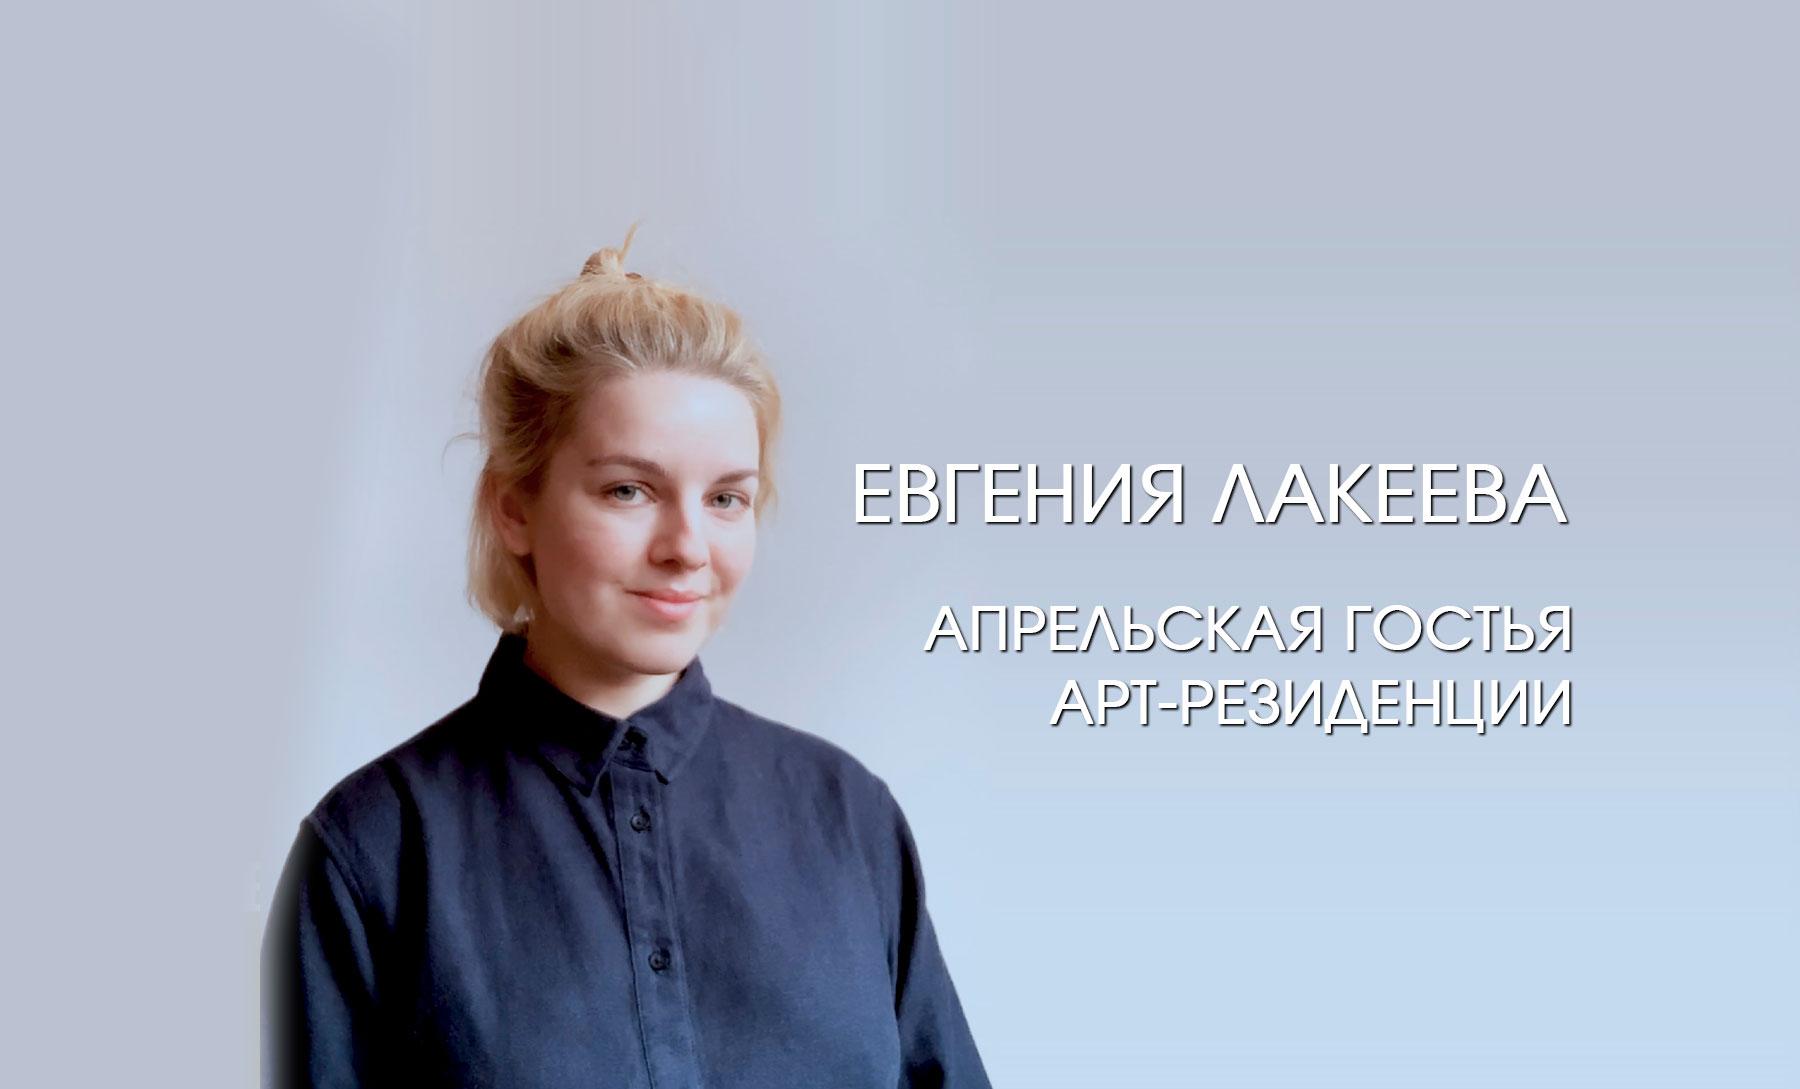 <p>В апреле в нашу арт-резиденцию приедет художница из Москвы, Евгения Лакеева. Евгения Лакеева — художница и переводчица. Ее творческие практики включают в себя графику, цифровую графику, коллаж и реализуются в разных форматах: как отдельные произведения и серии, а также в виде графических историй, зинов, иллюстраций.Евгения участвовала в нескольких групповых выставках […]</p>